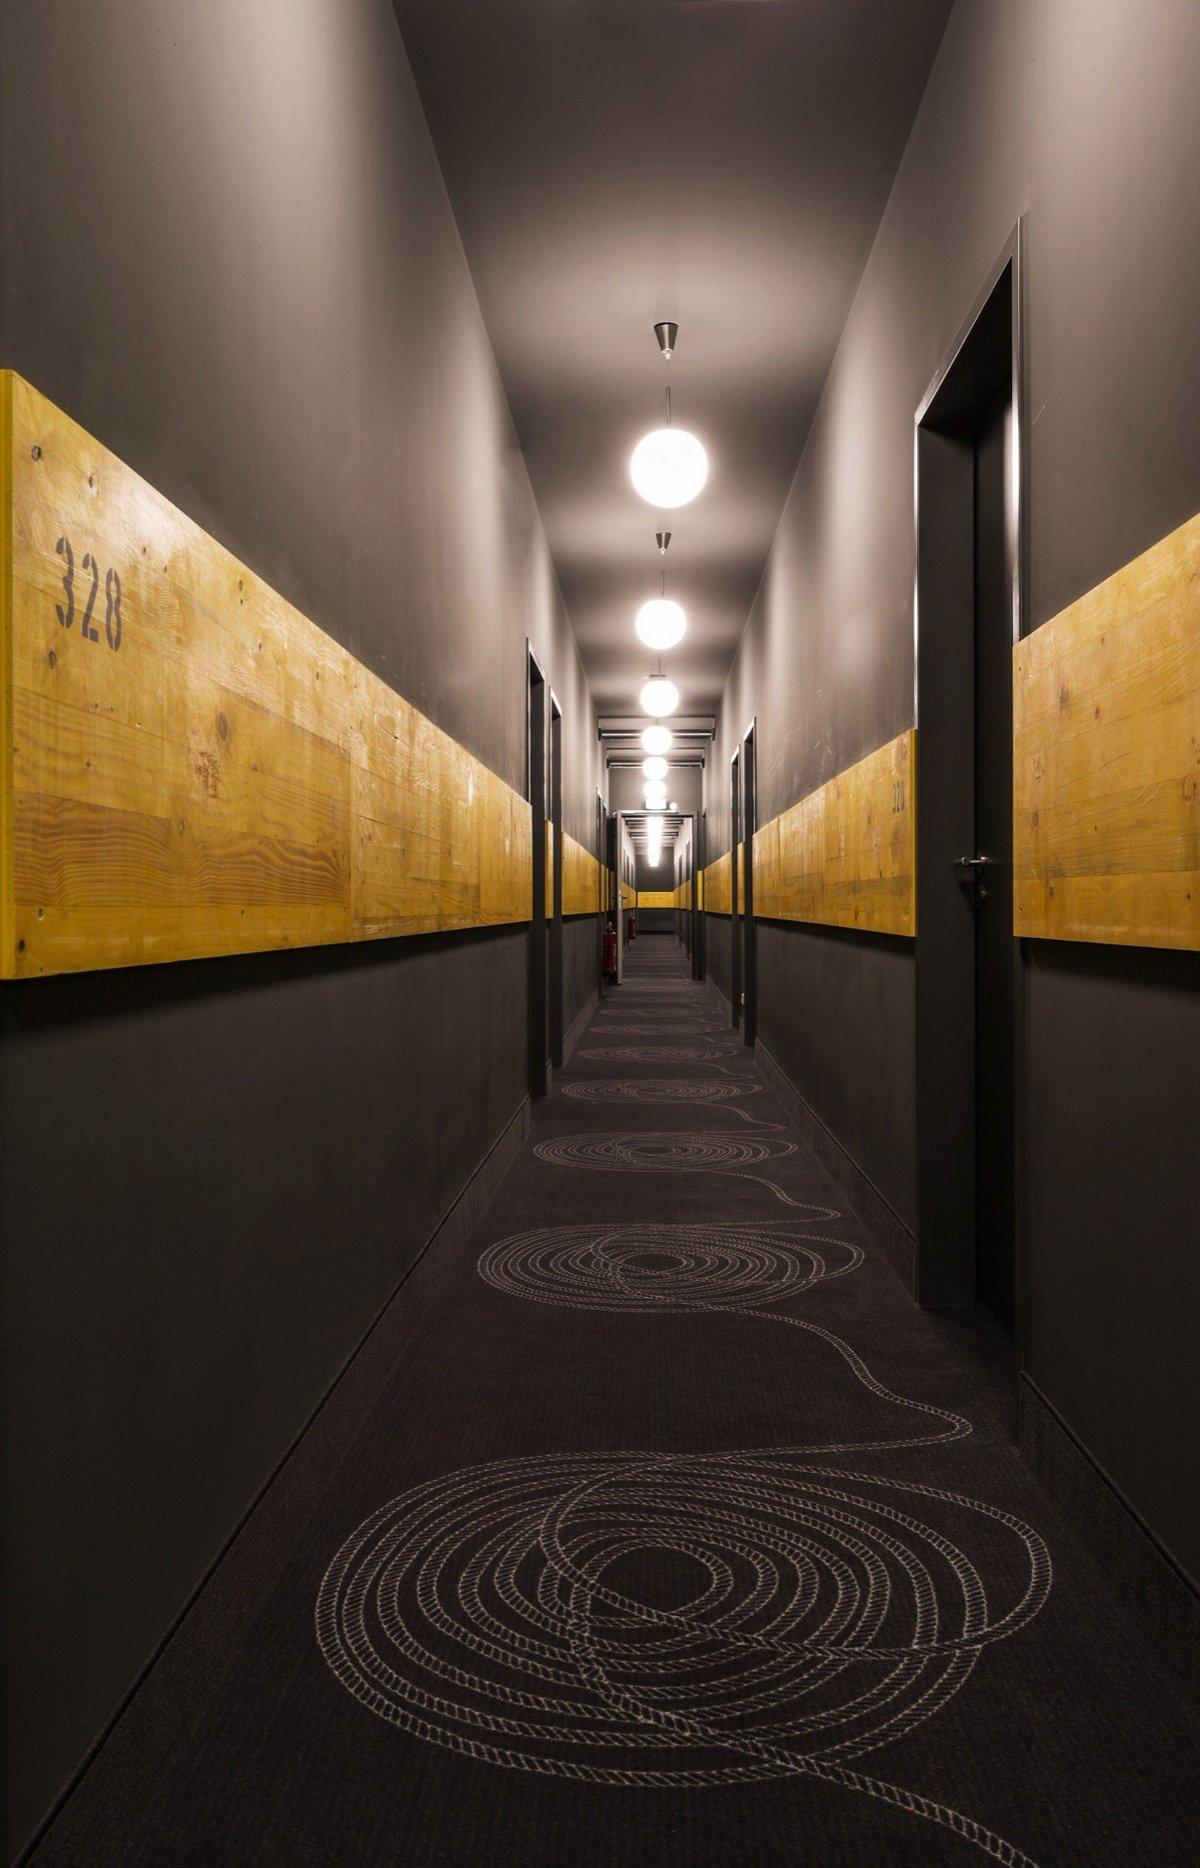 Отель-хостел Superbude 2 в центре Гамбурга